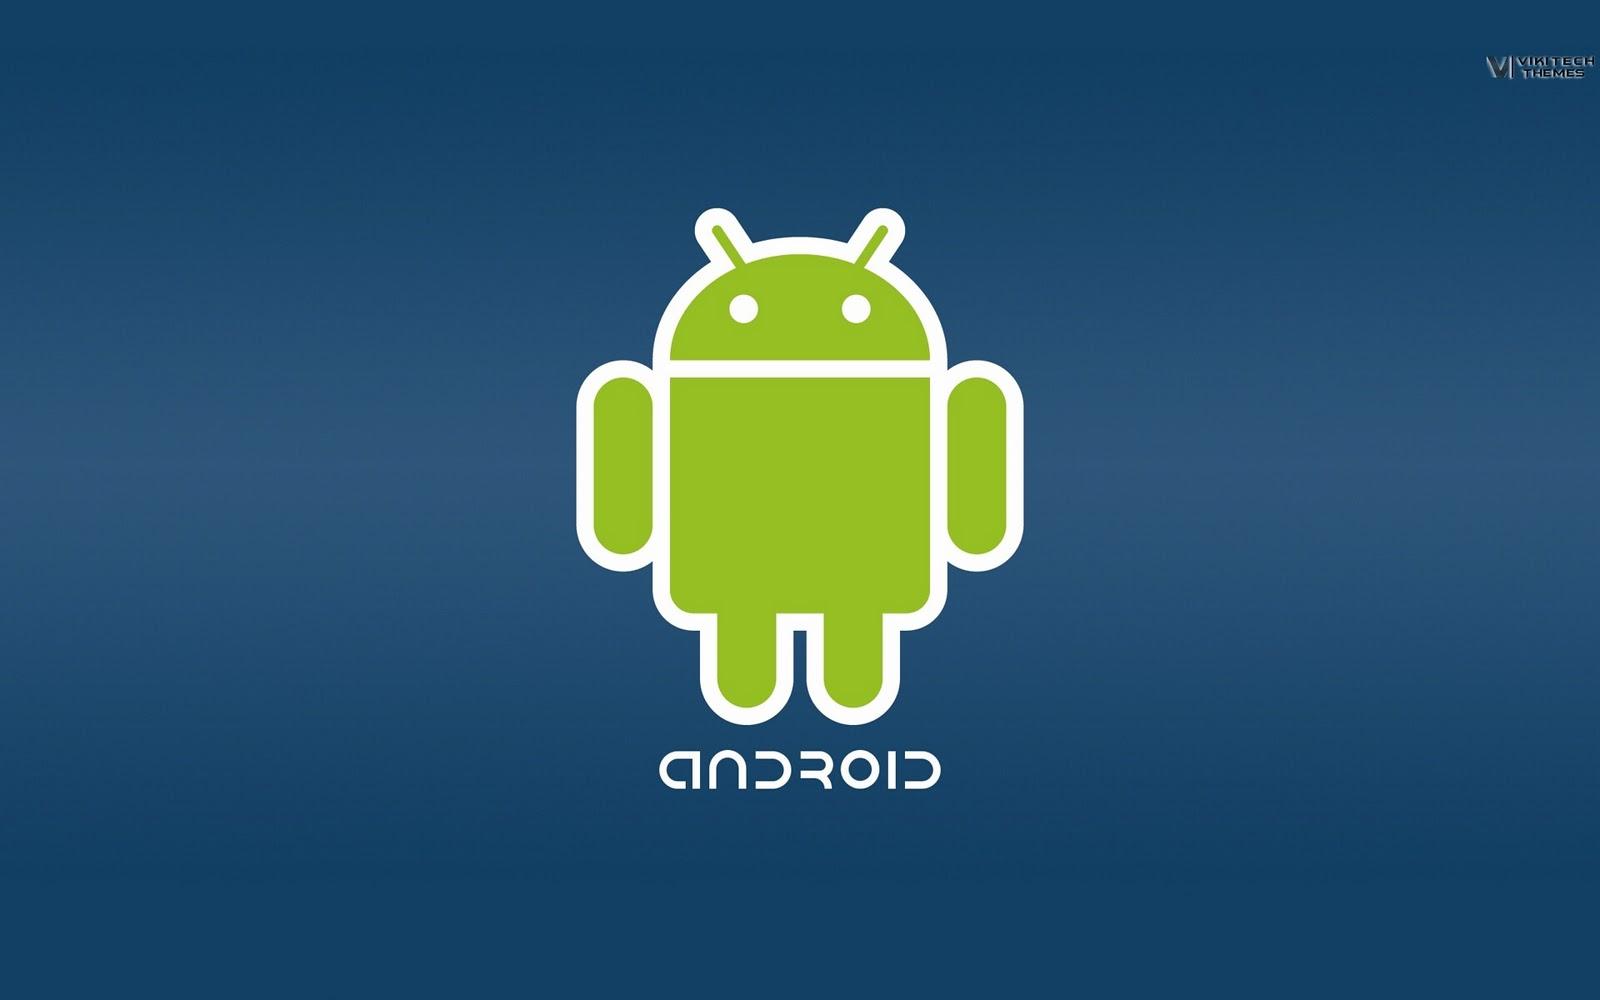 http://4.bp.blogspot.com/_E26Ndy_oKVc/TPlqZ-A04jI/AAAAAAAAAyI/y09e8s36604/s1600/Wallpaper+Android+%252823%2529.jpg